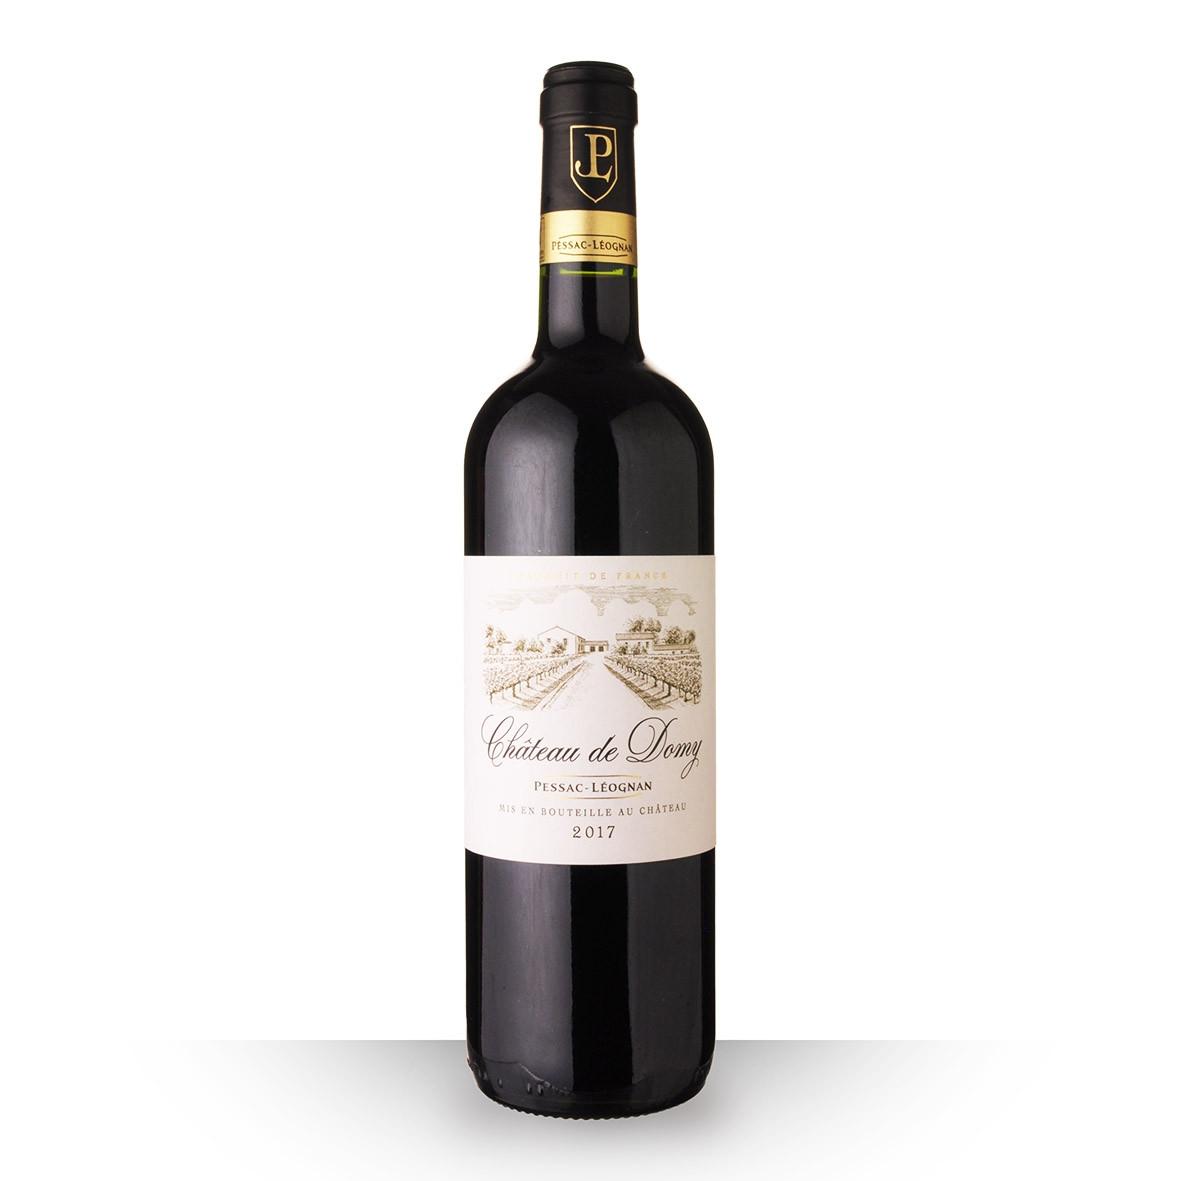 Château de Domy Pessac-Léognan Rouge 2017 75cl www.odyssee-vins.com